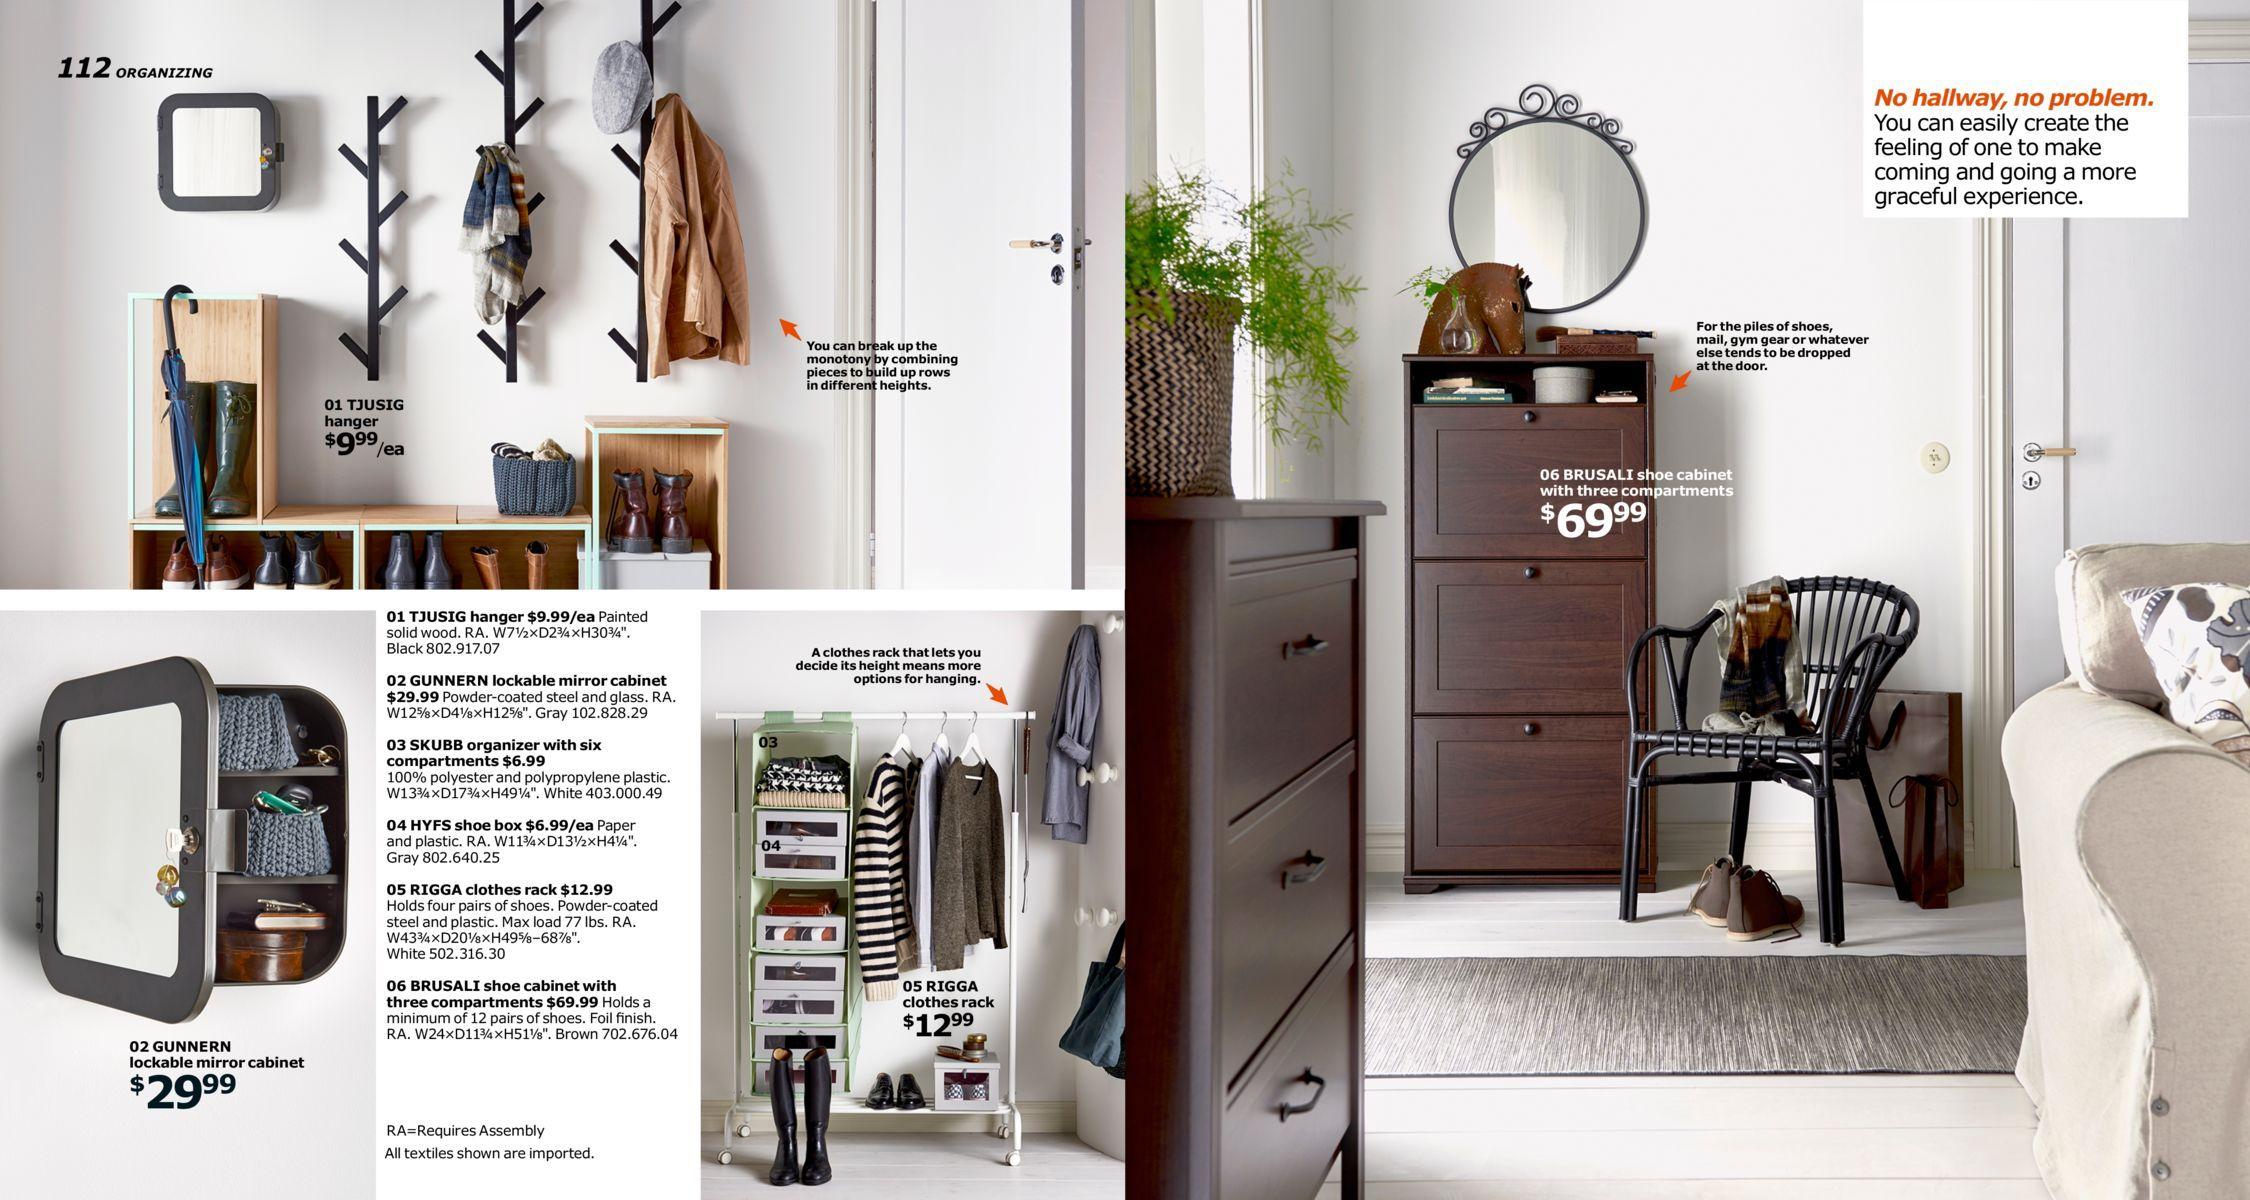 Ikea Catalog 2016 Ikea Catalogue 2016 Ikea Furniture